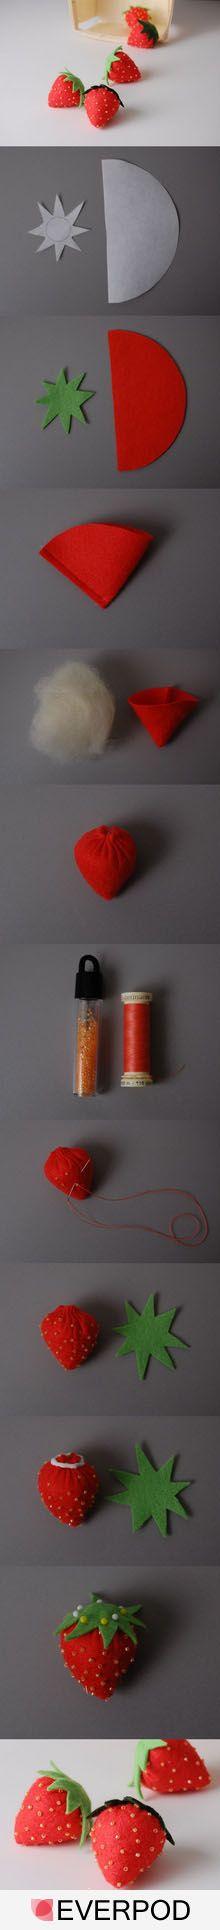 diy strawberries